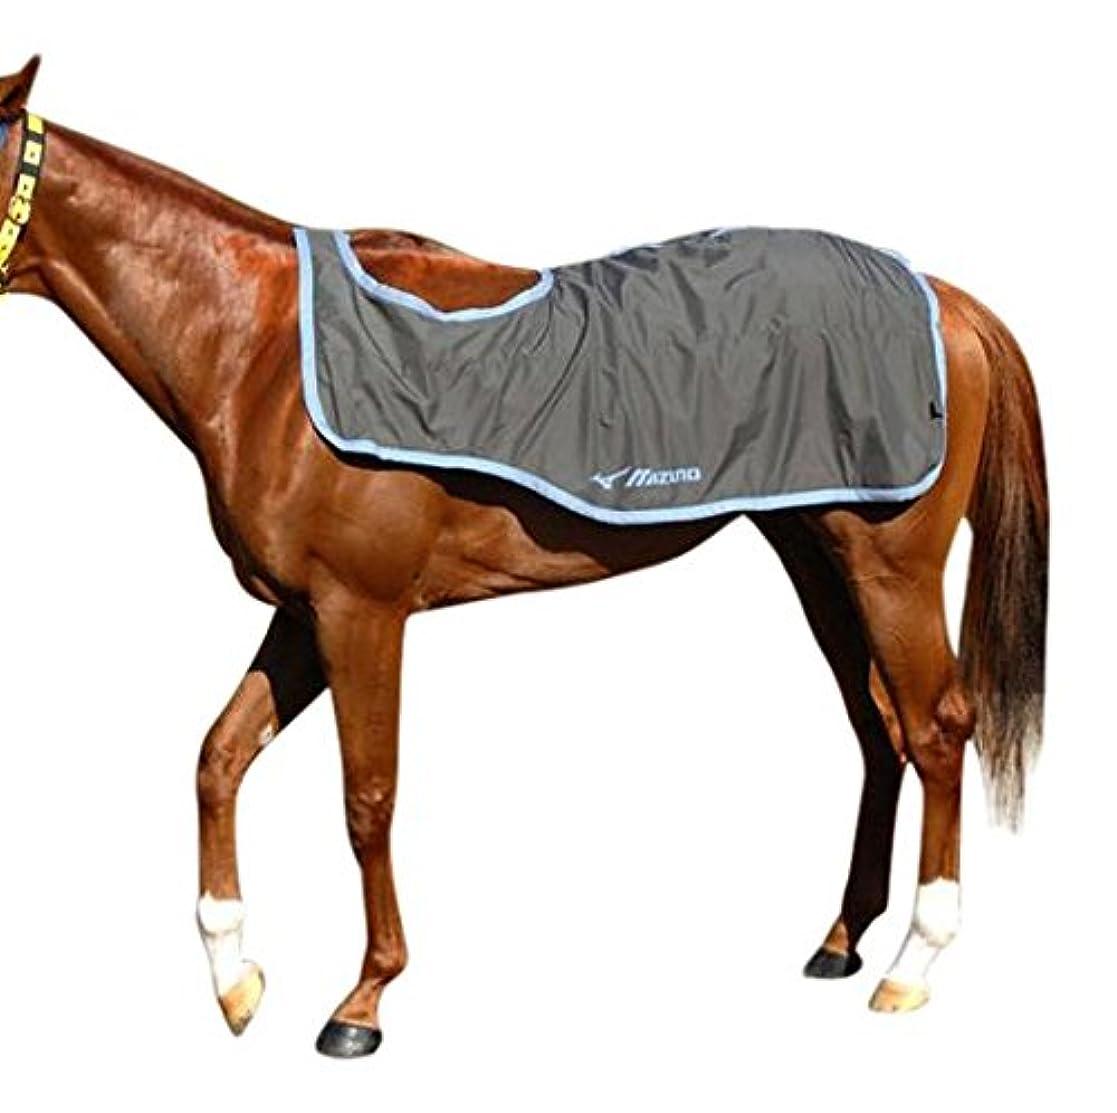 メタリック山岳ハンディMIZUNO(ミズノ) 馬着 ペルグテックEX/雨用エクササイズラグ(乗馬用) 32JT5G23